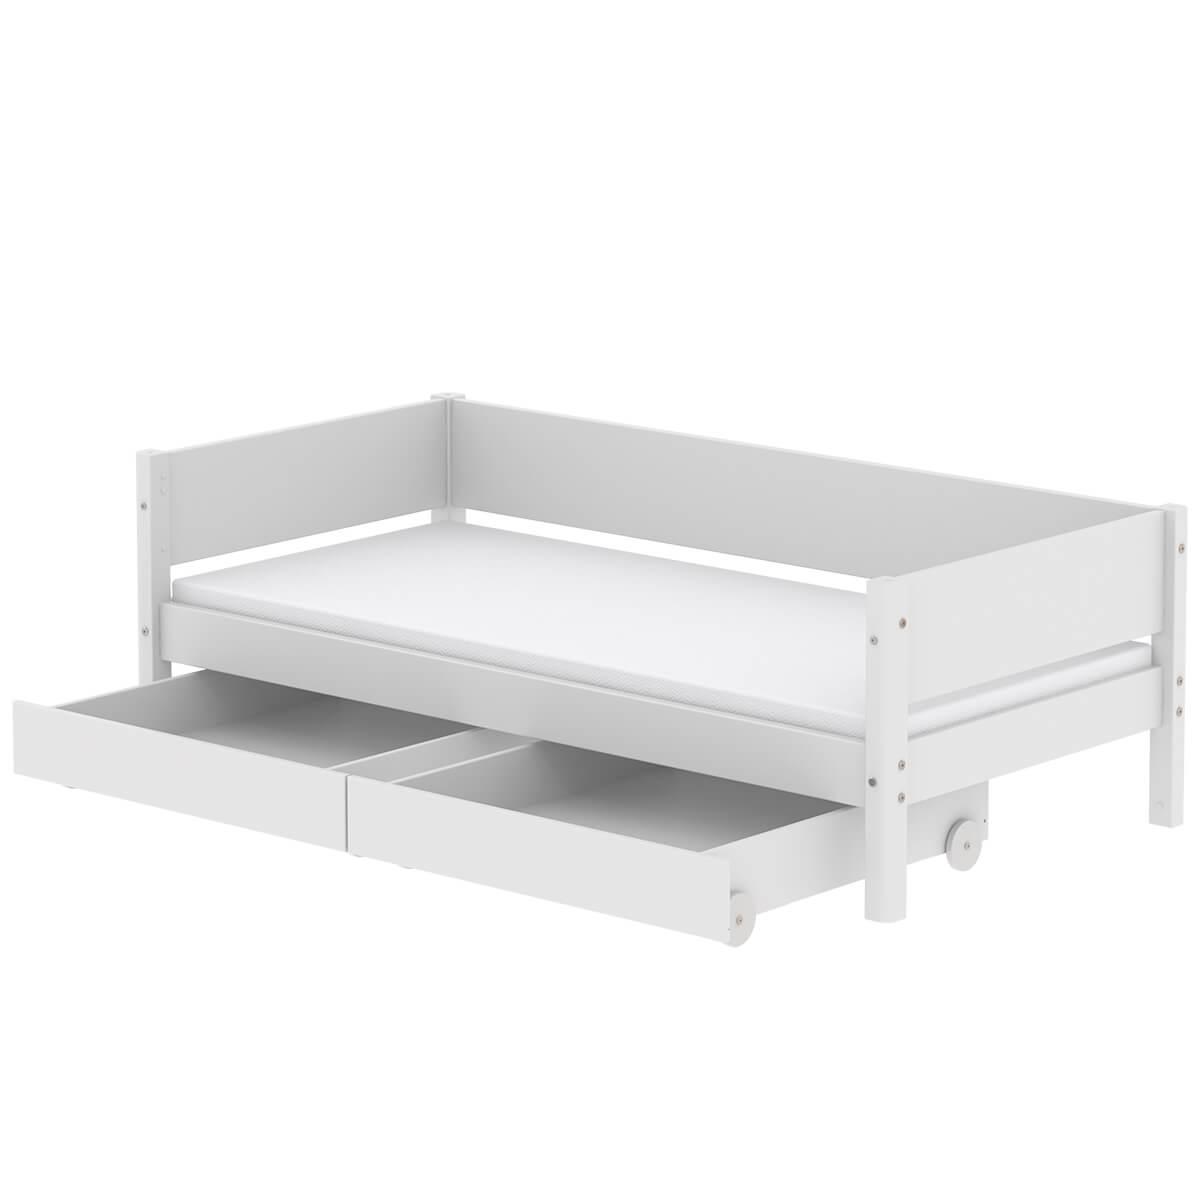 Kinderbett 90x200cm 2 Schubladen WHITE Flexa weiß